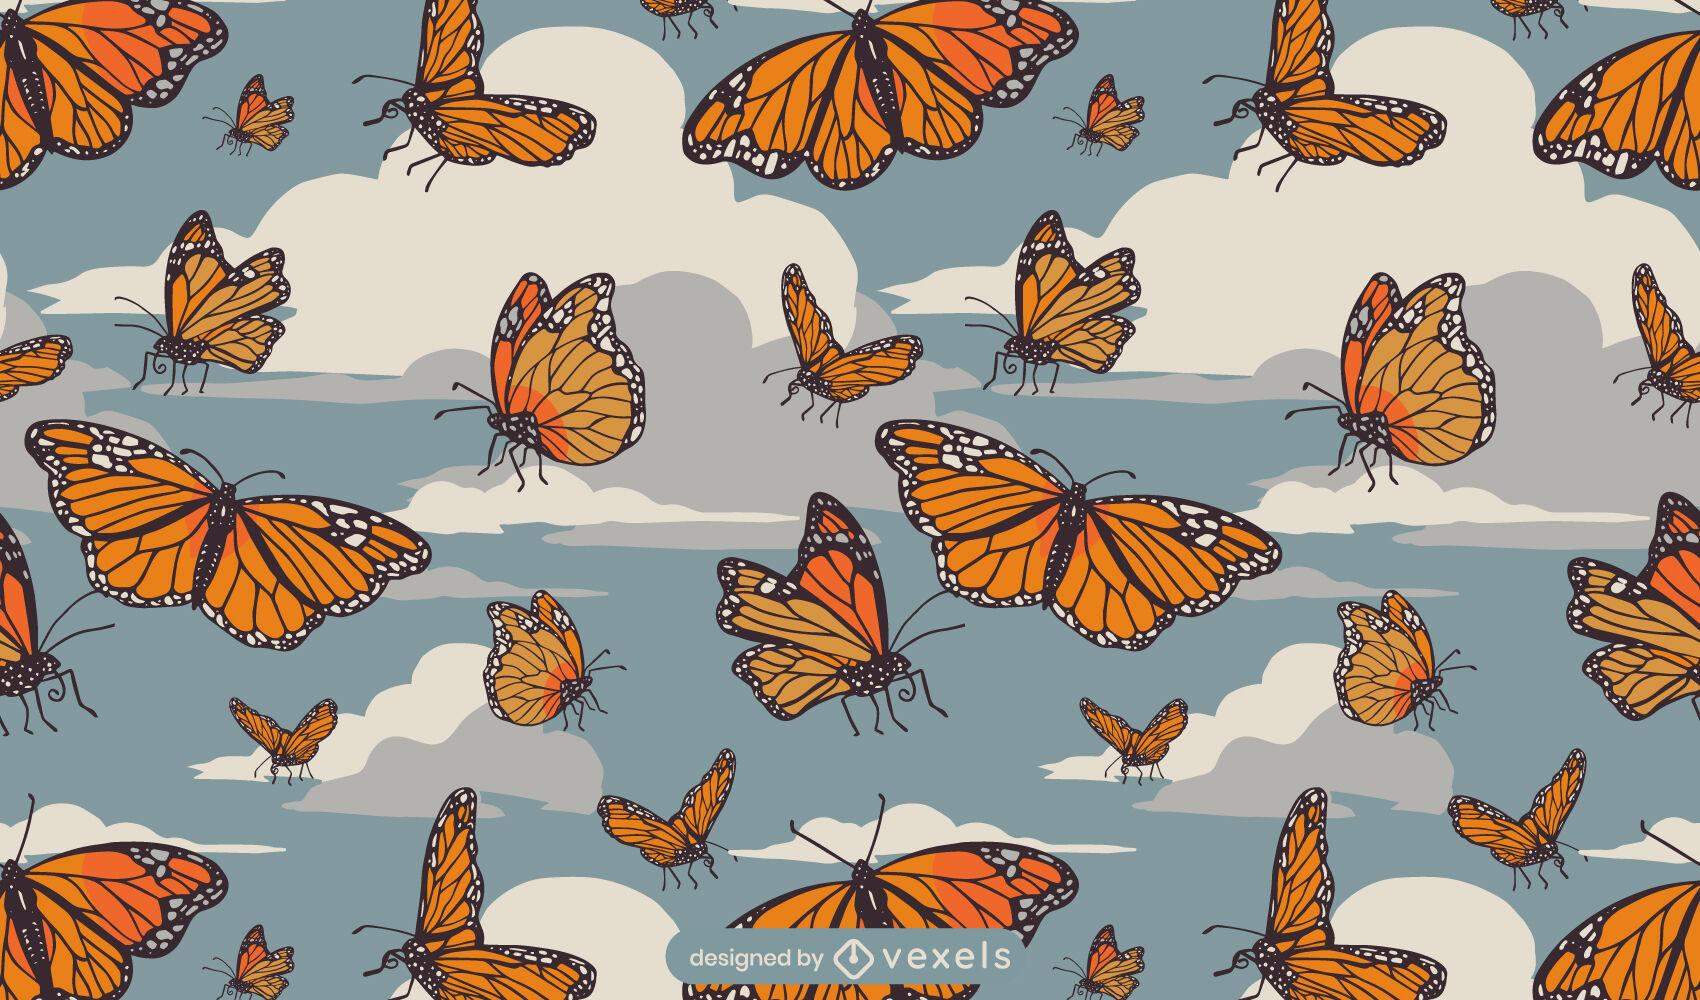 Insectos mariposas volando dise?o de patr?n de naturaleza